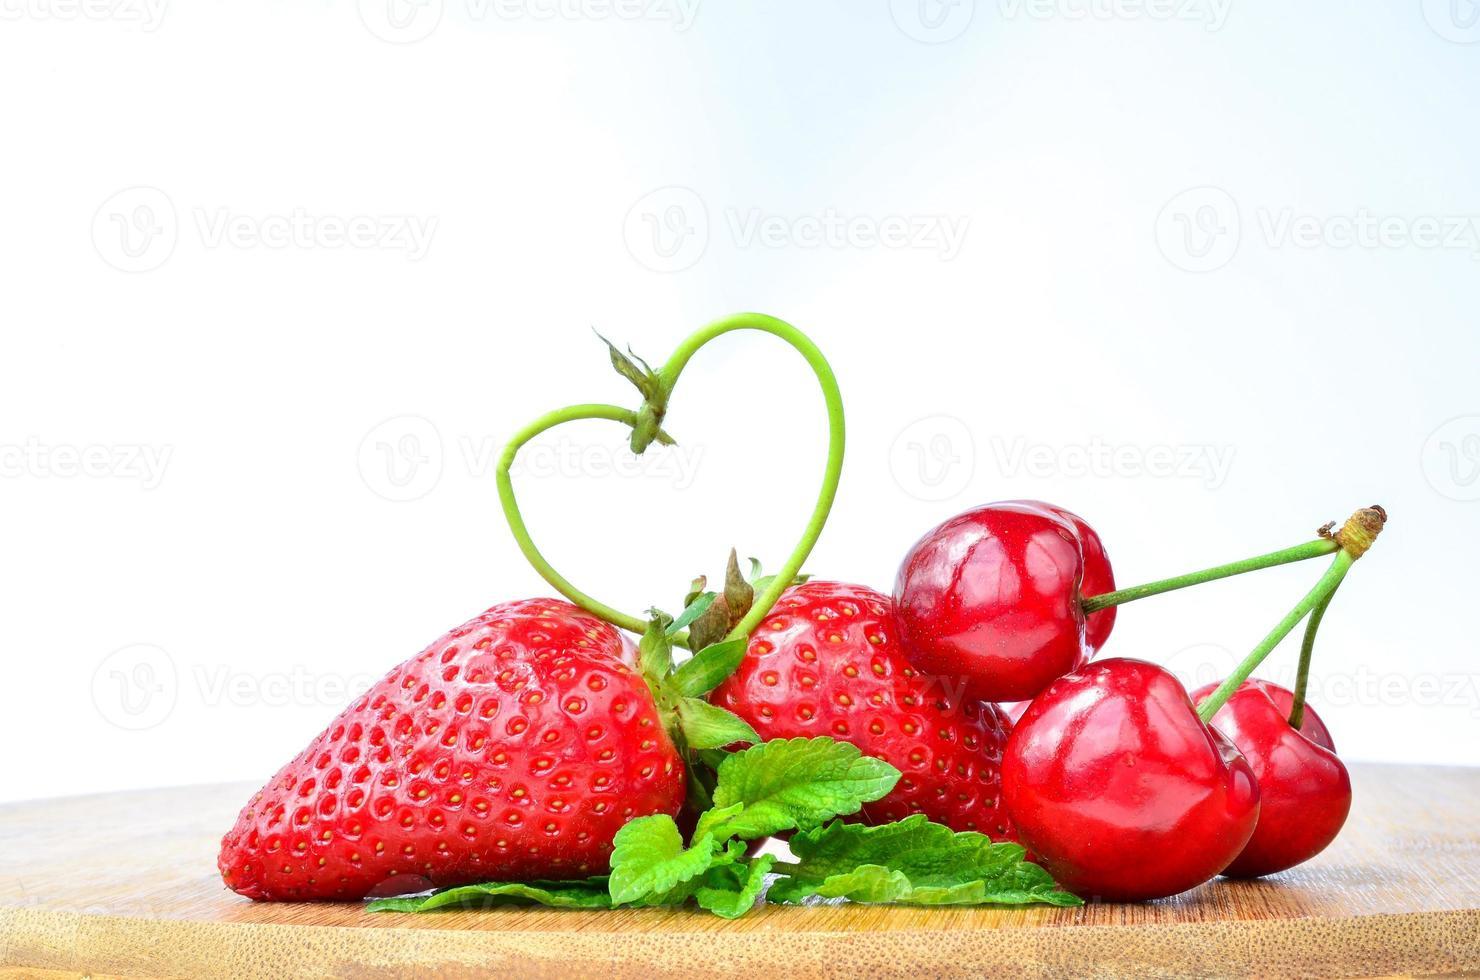 frutta primaverile foto